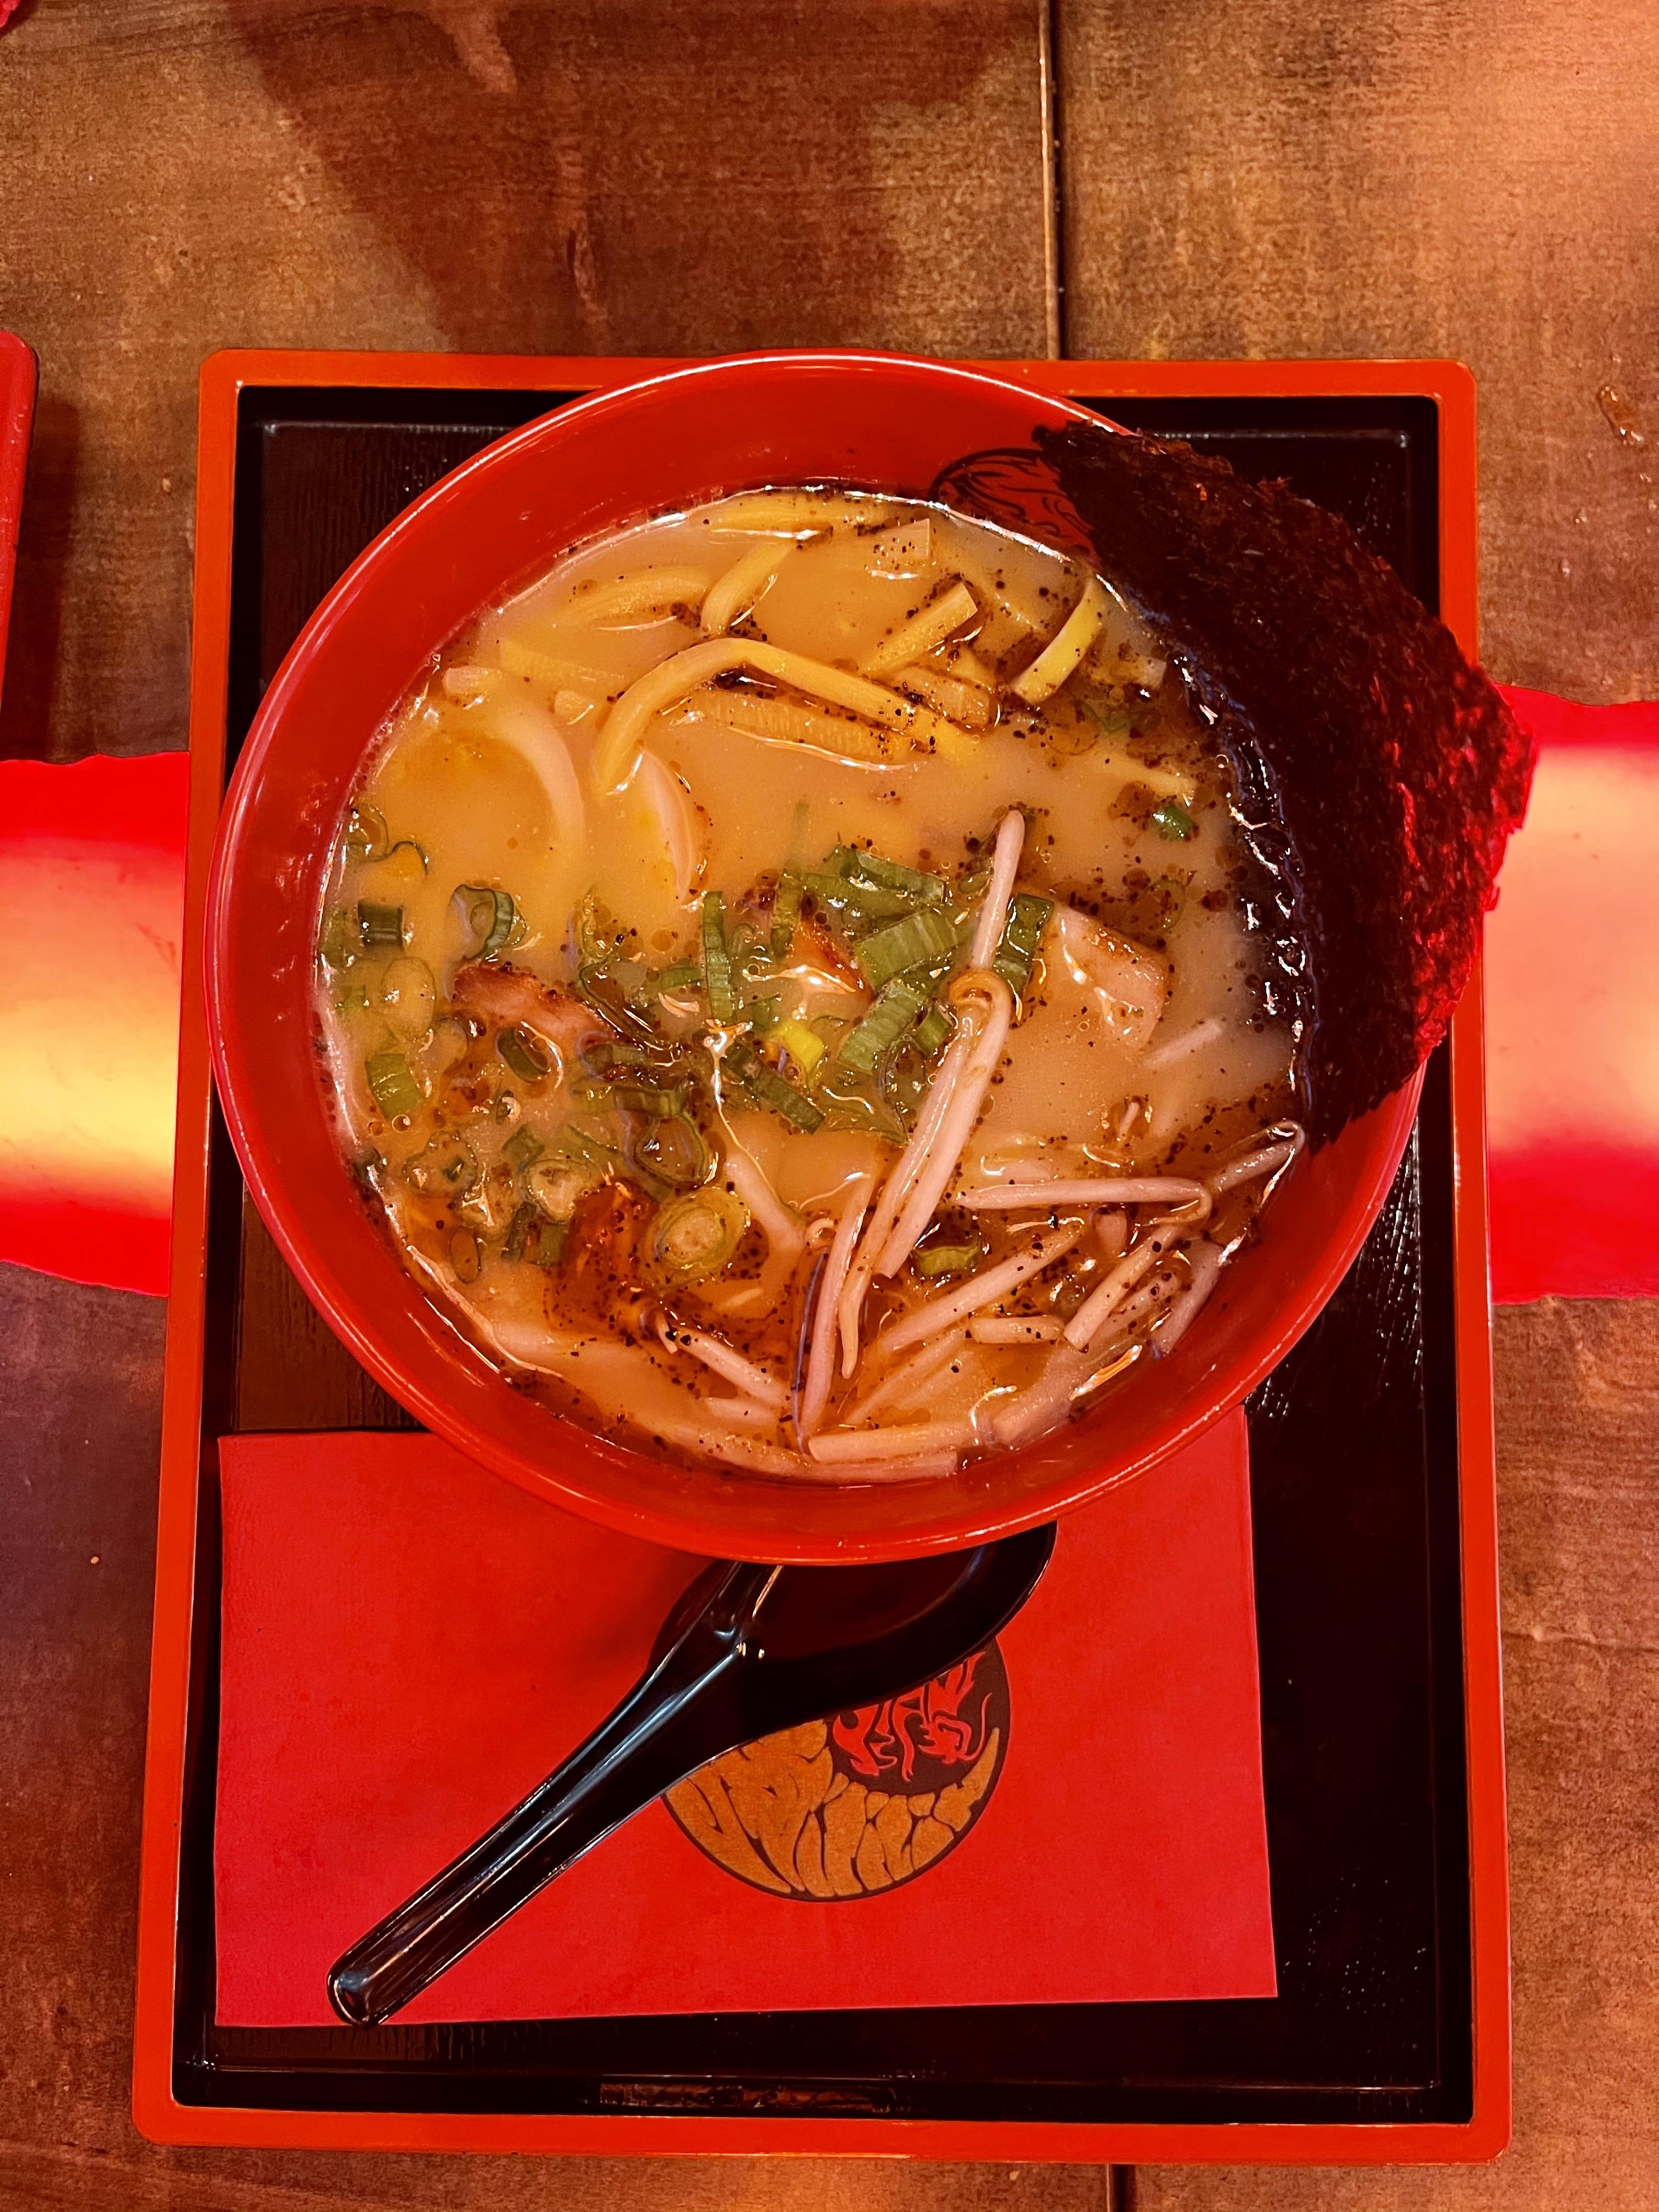 Tasty Tuesday Licks Marg Pops and Slurps Noodle Bowls, Off The Strip